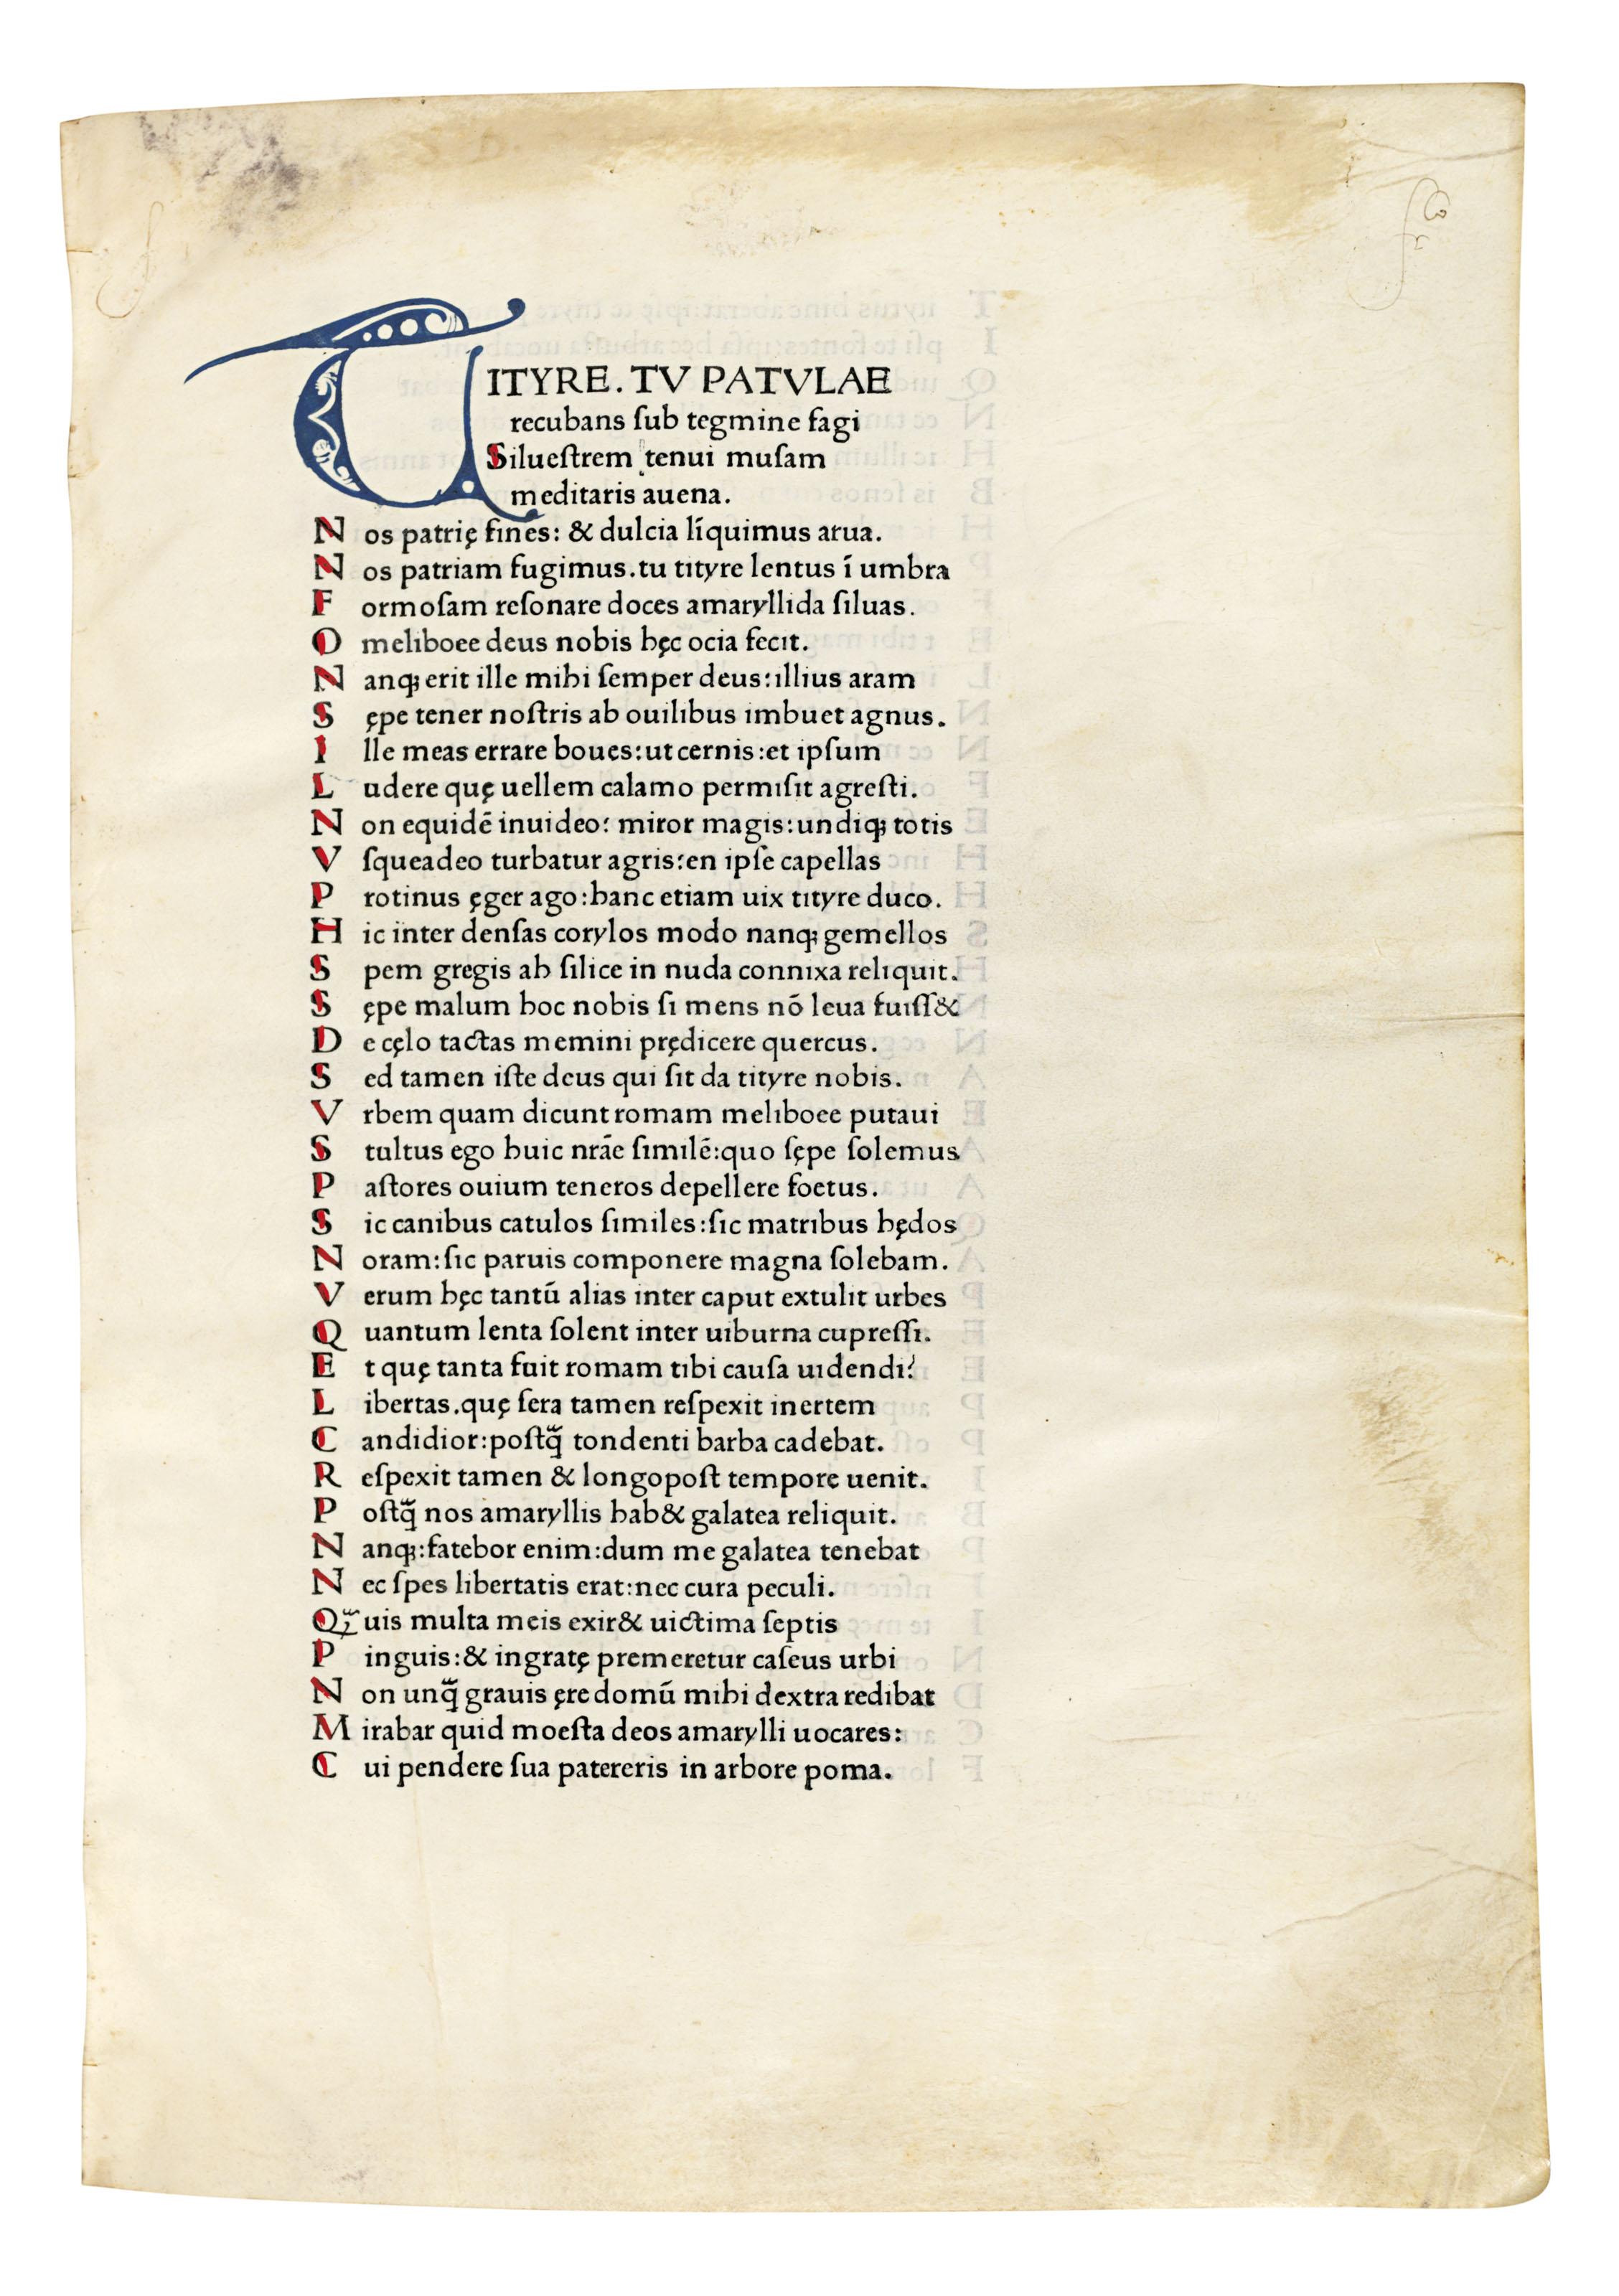 VERGILIUS MARO, Publius (70-19 B.C.). Opera (Bucolica, Georgica, Aeneid, with argumenta). Venice: Vindelinus de Spira, 1470.